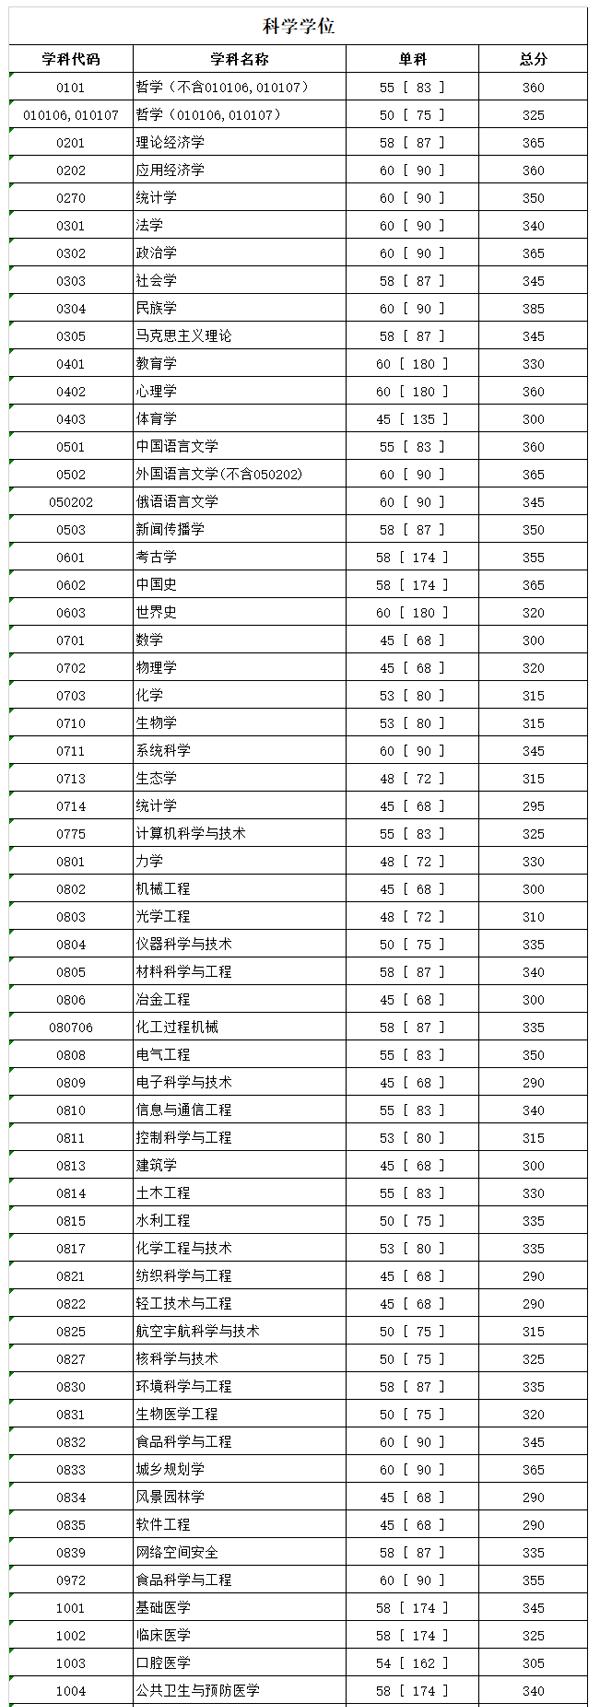 2019四川大学研究生院_01.png